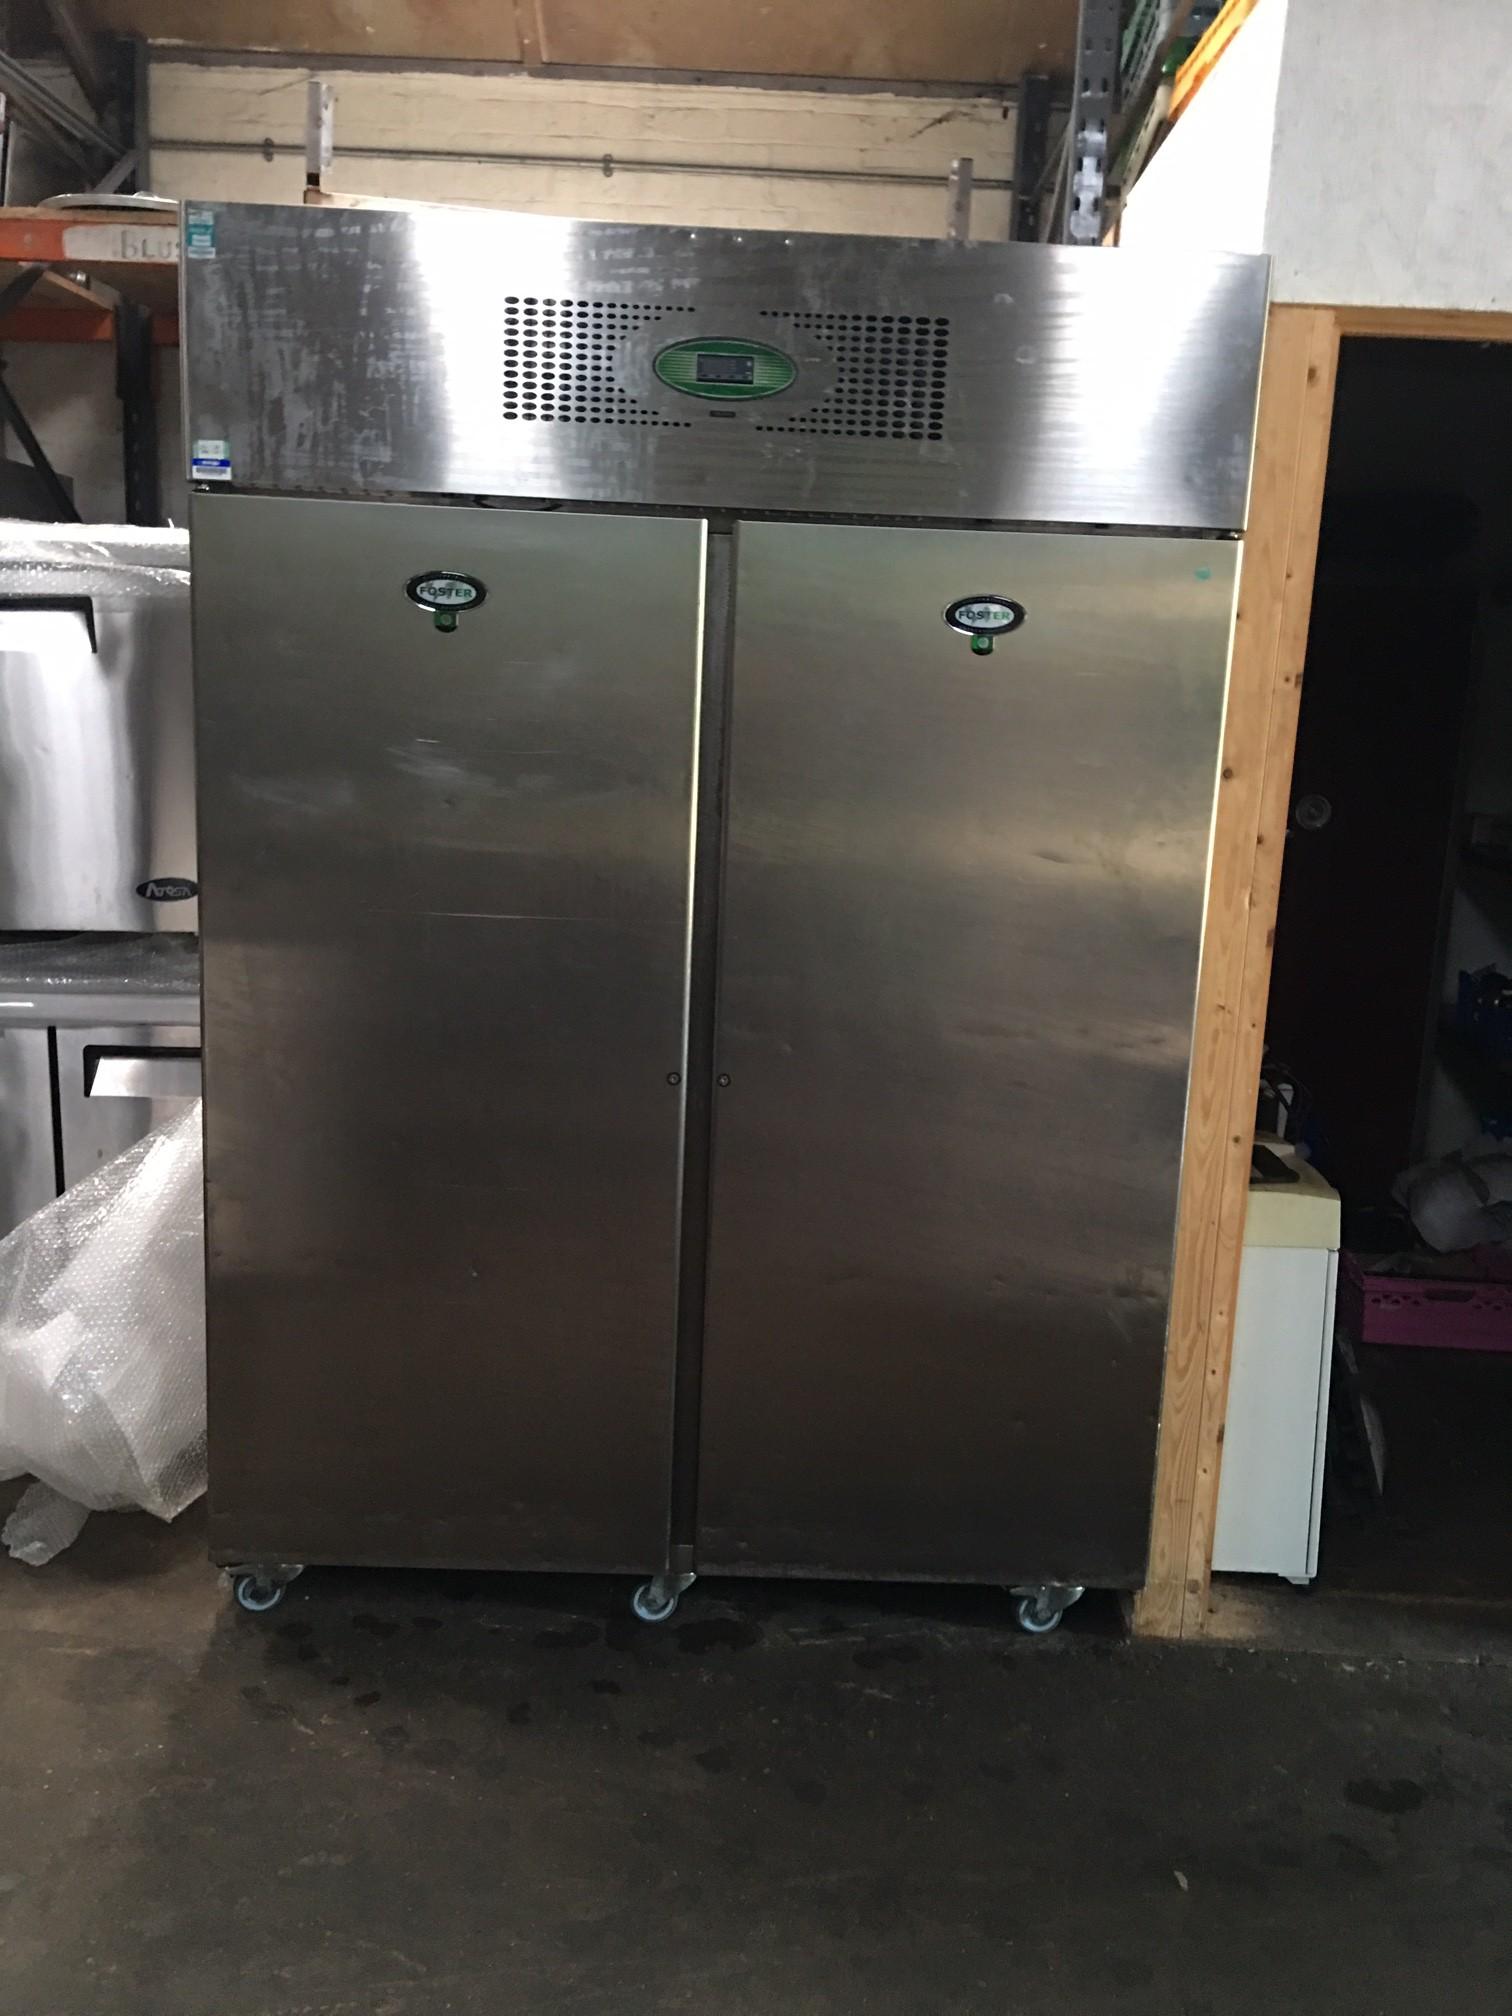 Foster 1 Door Freezer Stainless Steel Tall Standing 163 850